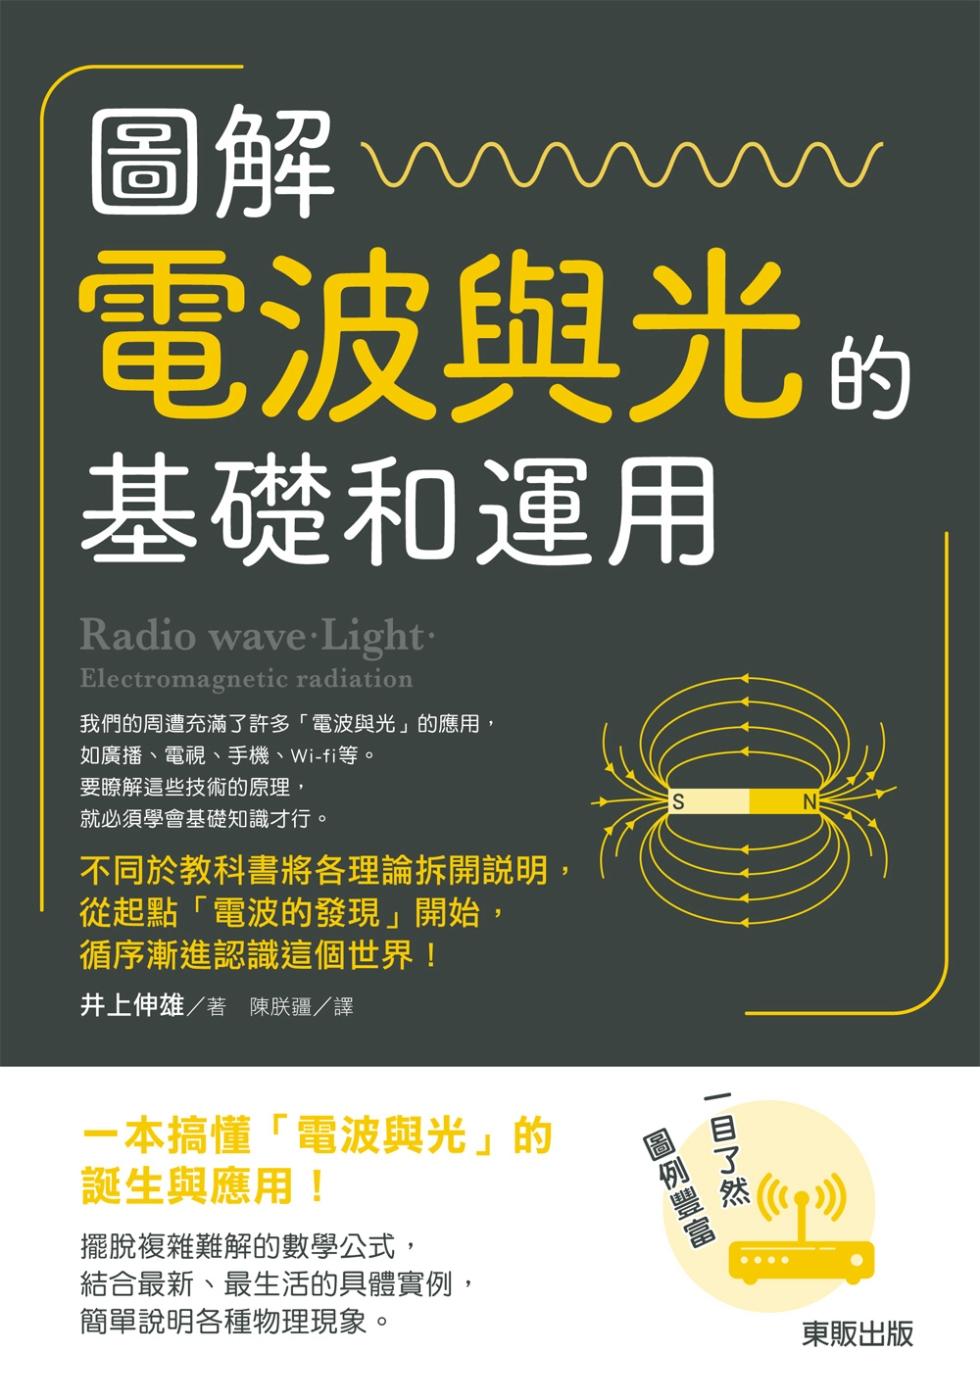 圖解 電波與光的基礎和運用